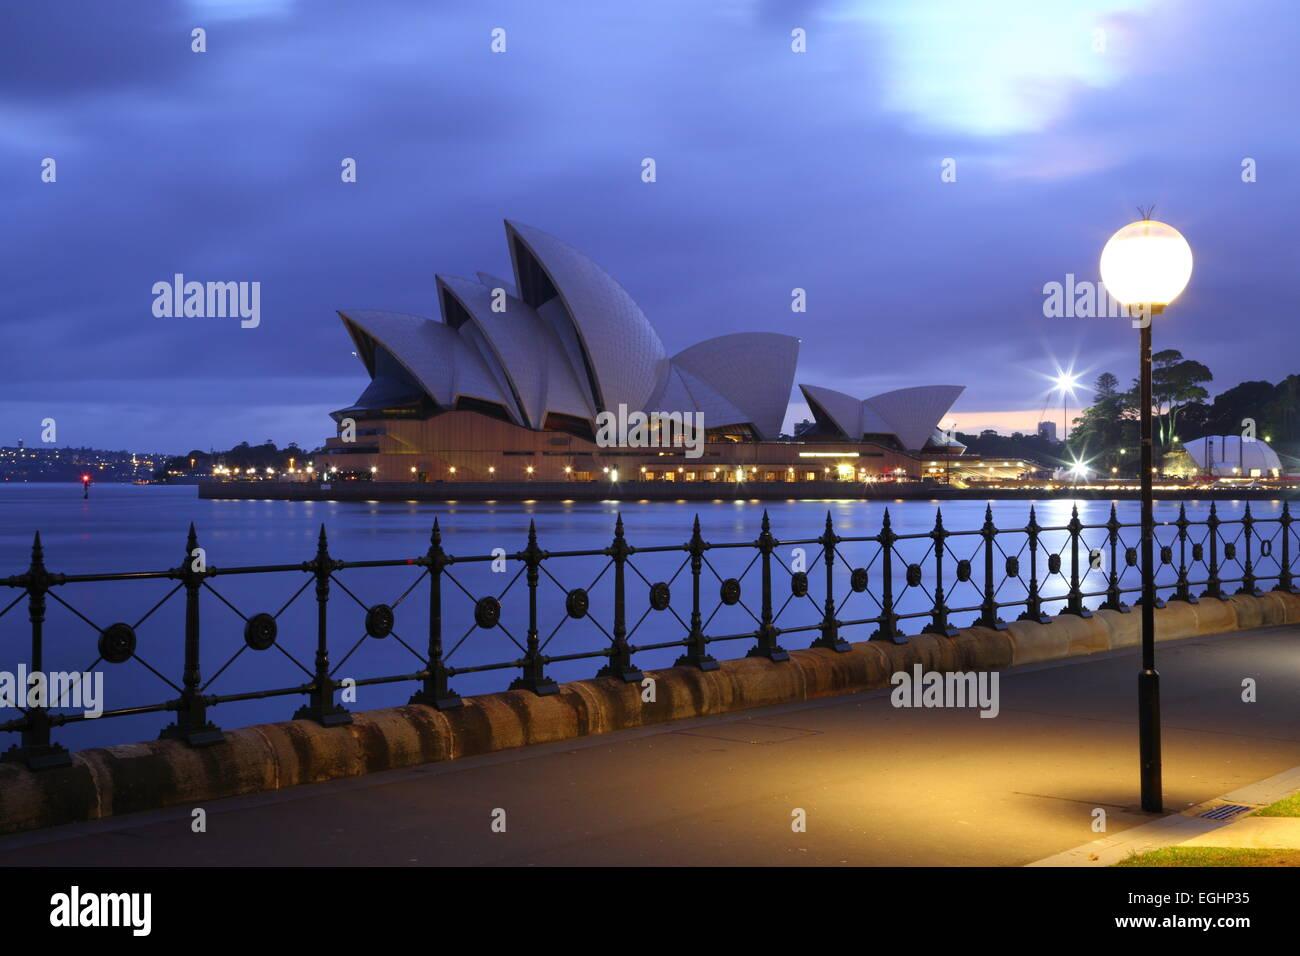 Alba rompe su l'iconica Sydney Opera House di Sydney, Nuovo Galles del Sud, Australia. Immagini Stock